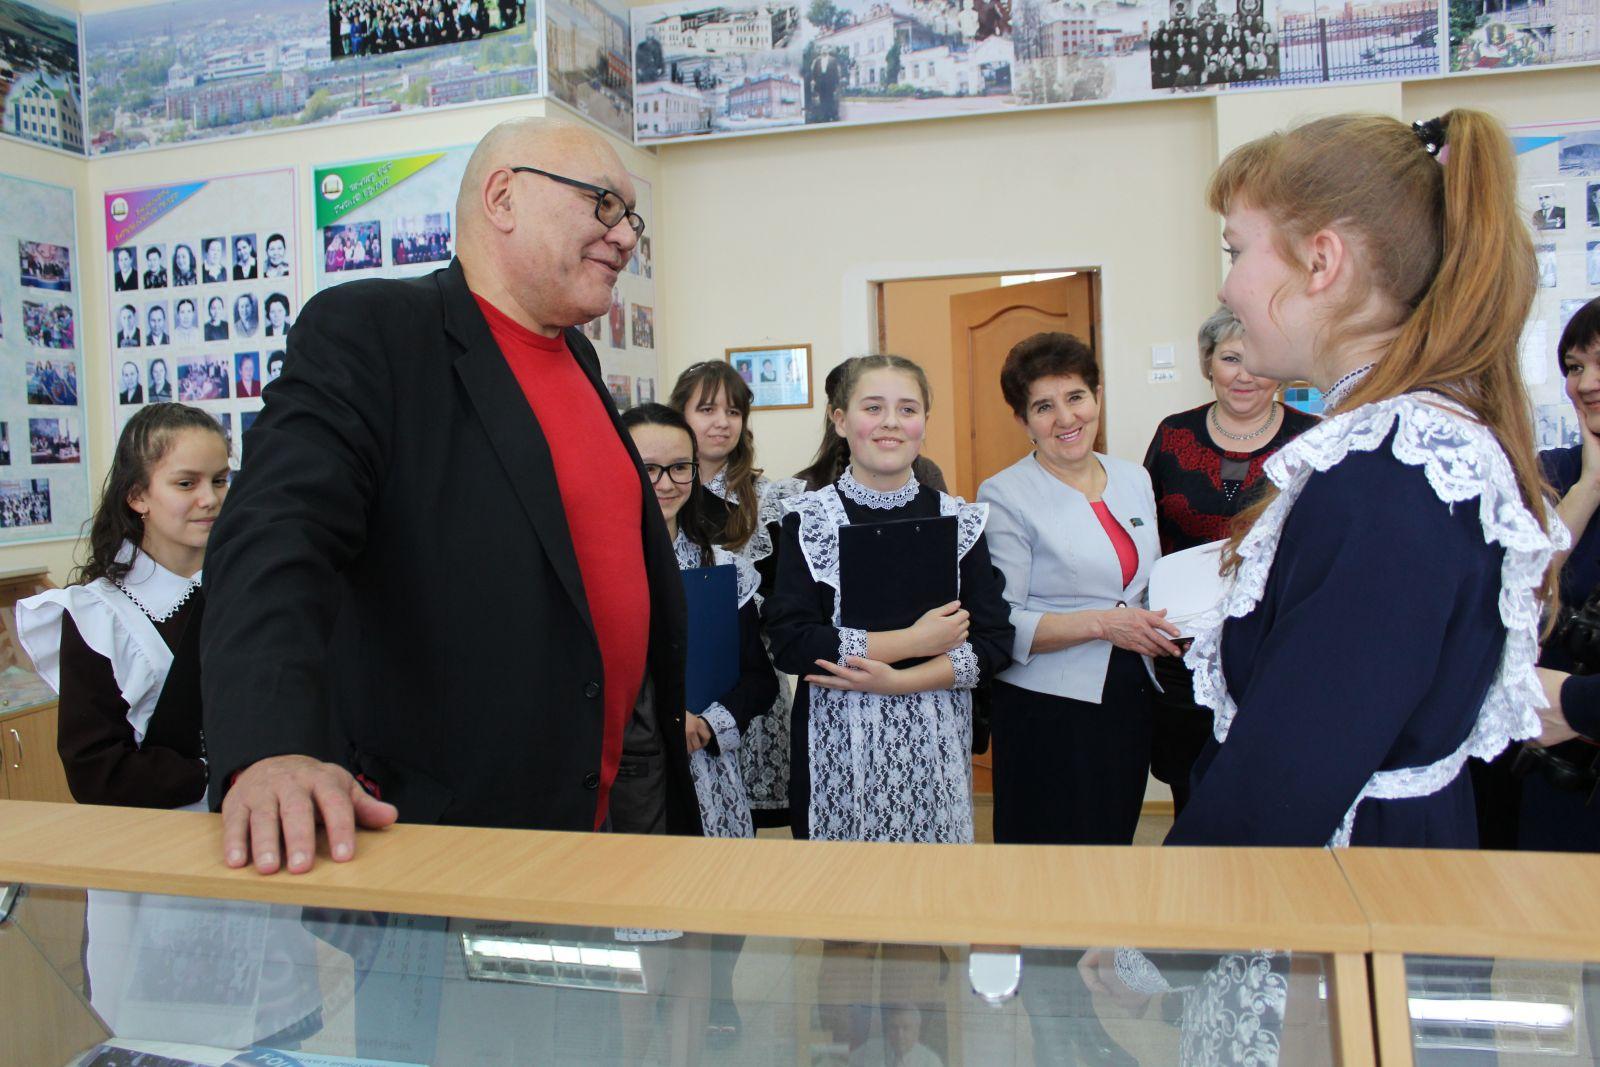 Фото: Кукмор посетила делегация из Кыргызстана во главе с сыном Чингиза Айтматова Аскаром Айтматовым